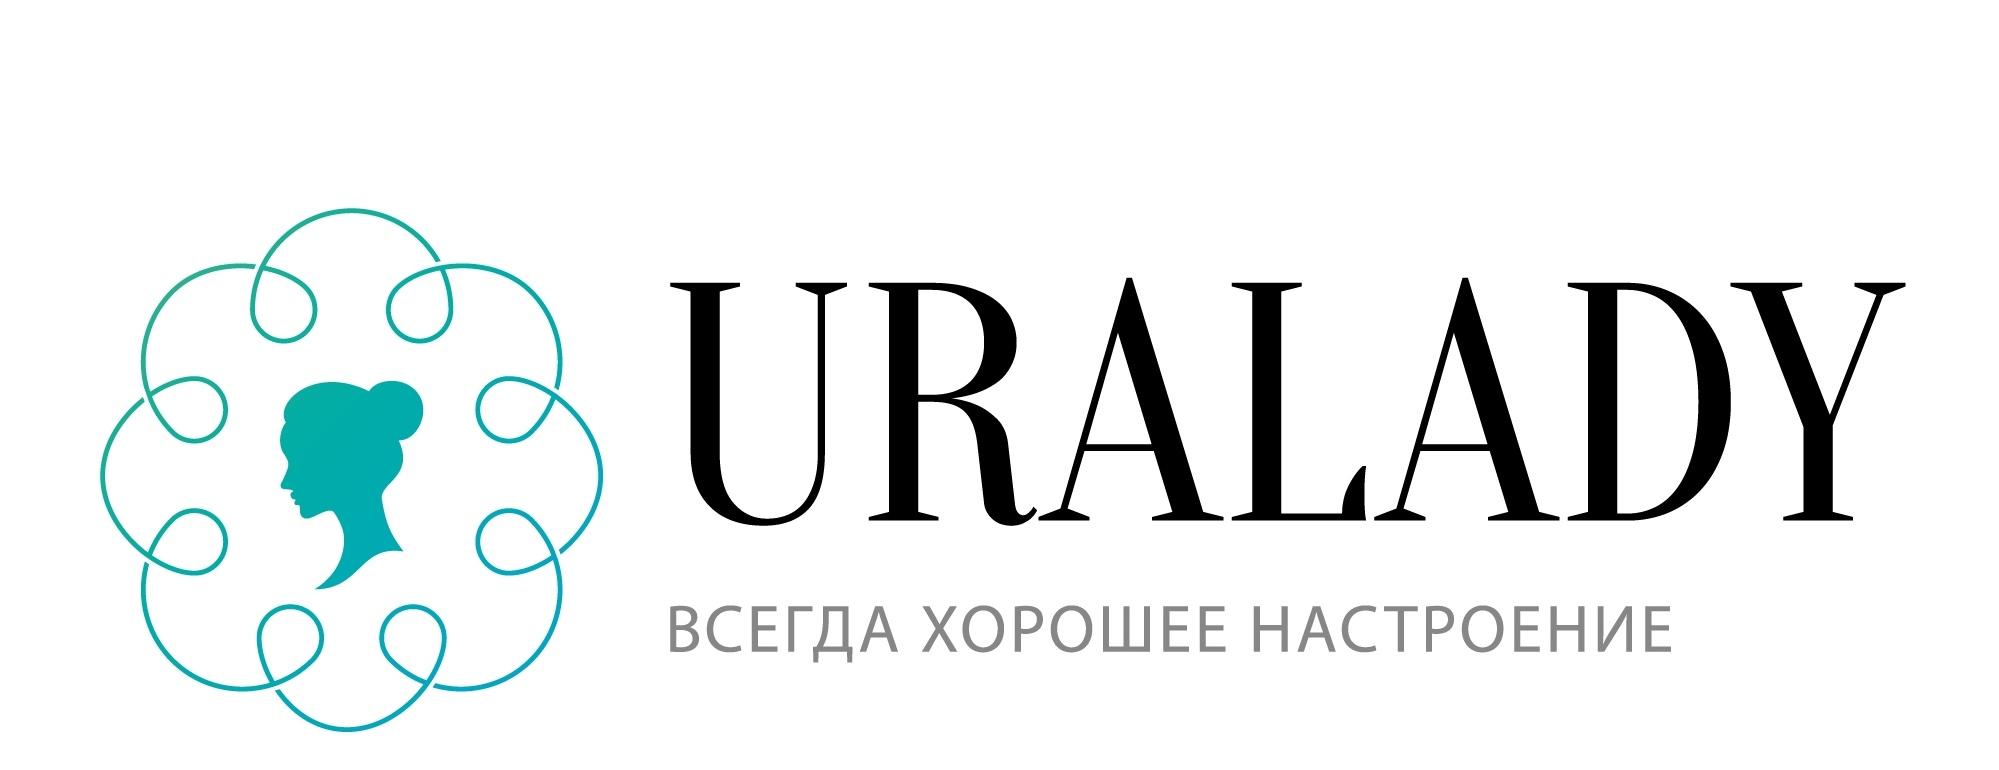 заместитель редактор информационно аналитического отдела должностная инструкция